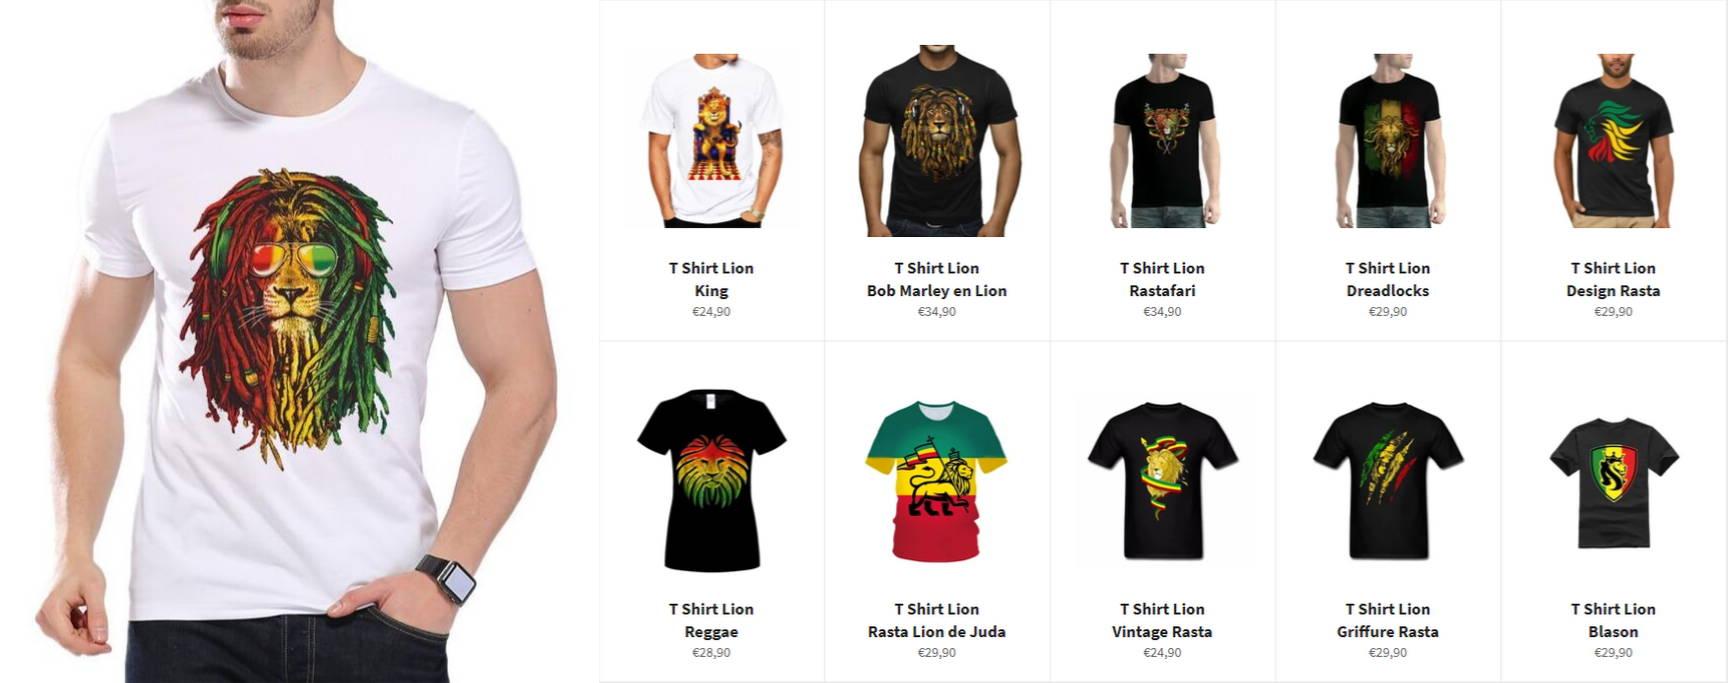 t shirt lion rasta